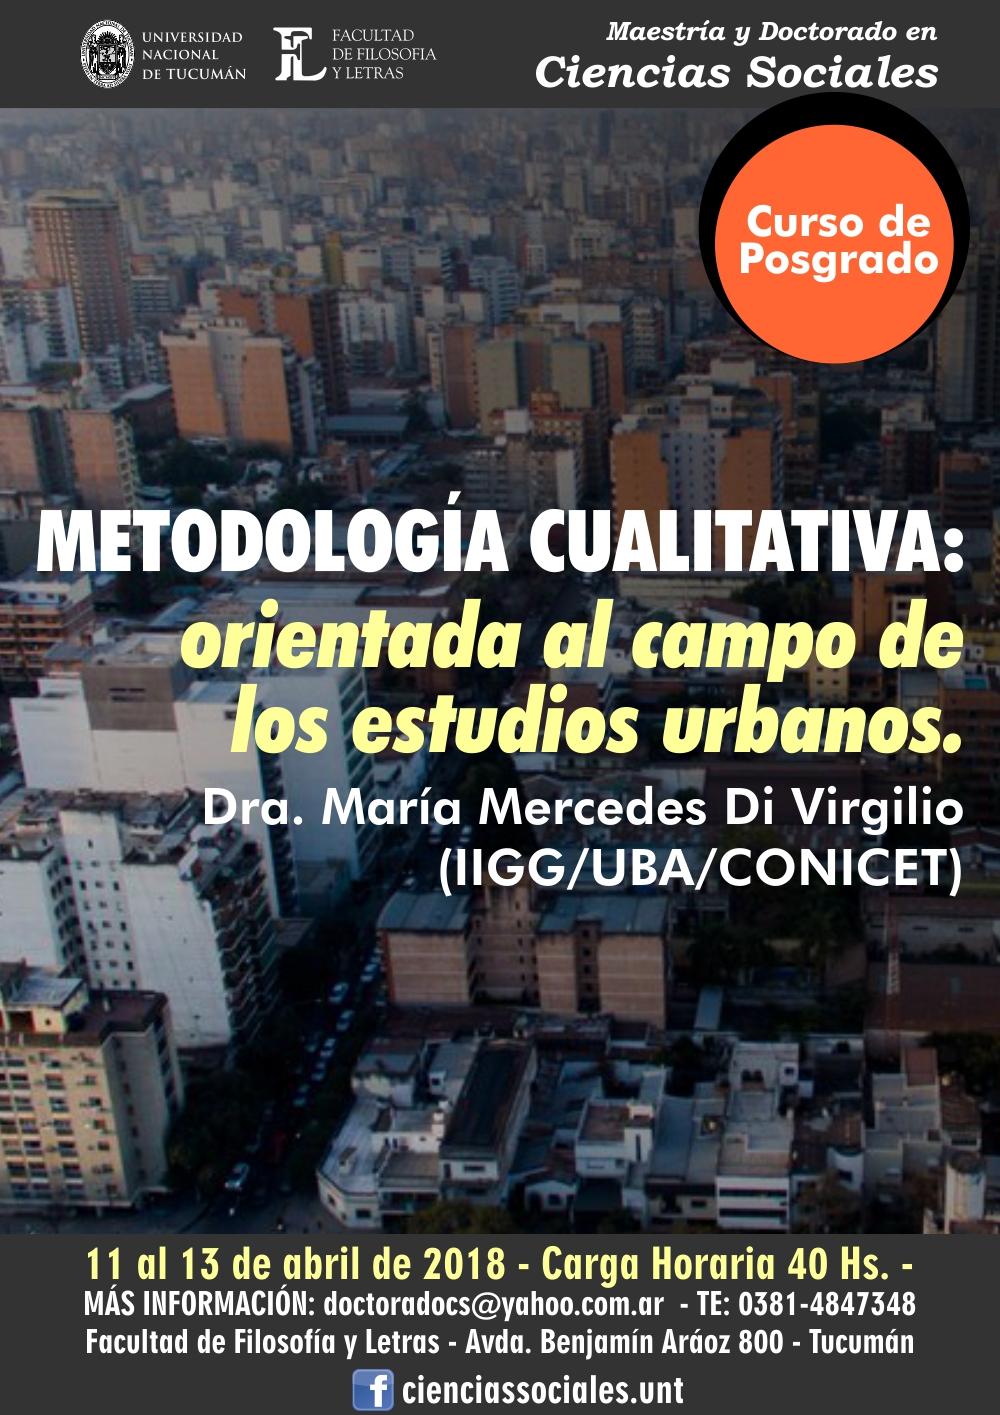 Posgrado metodología cualitativa ofrecido por el Doctorado en Ciencias Sociales